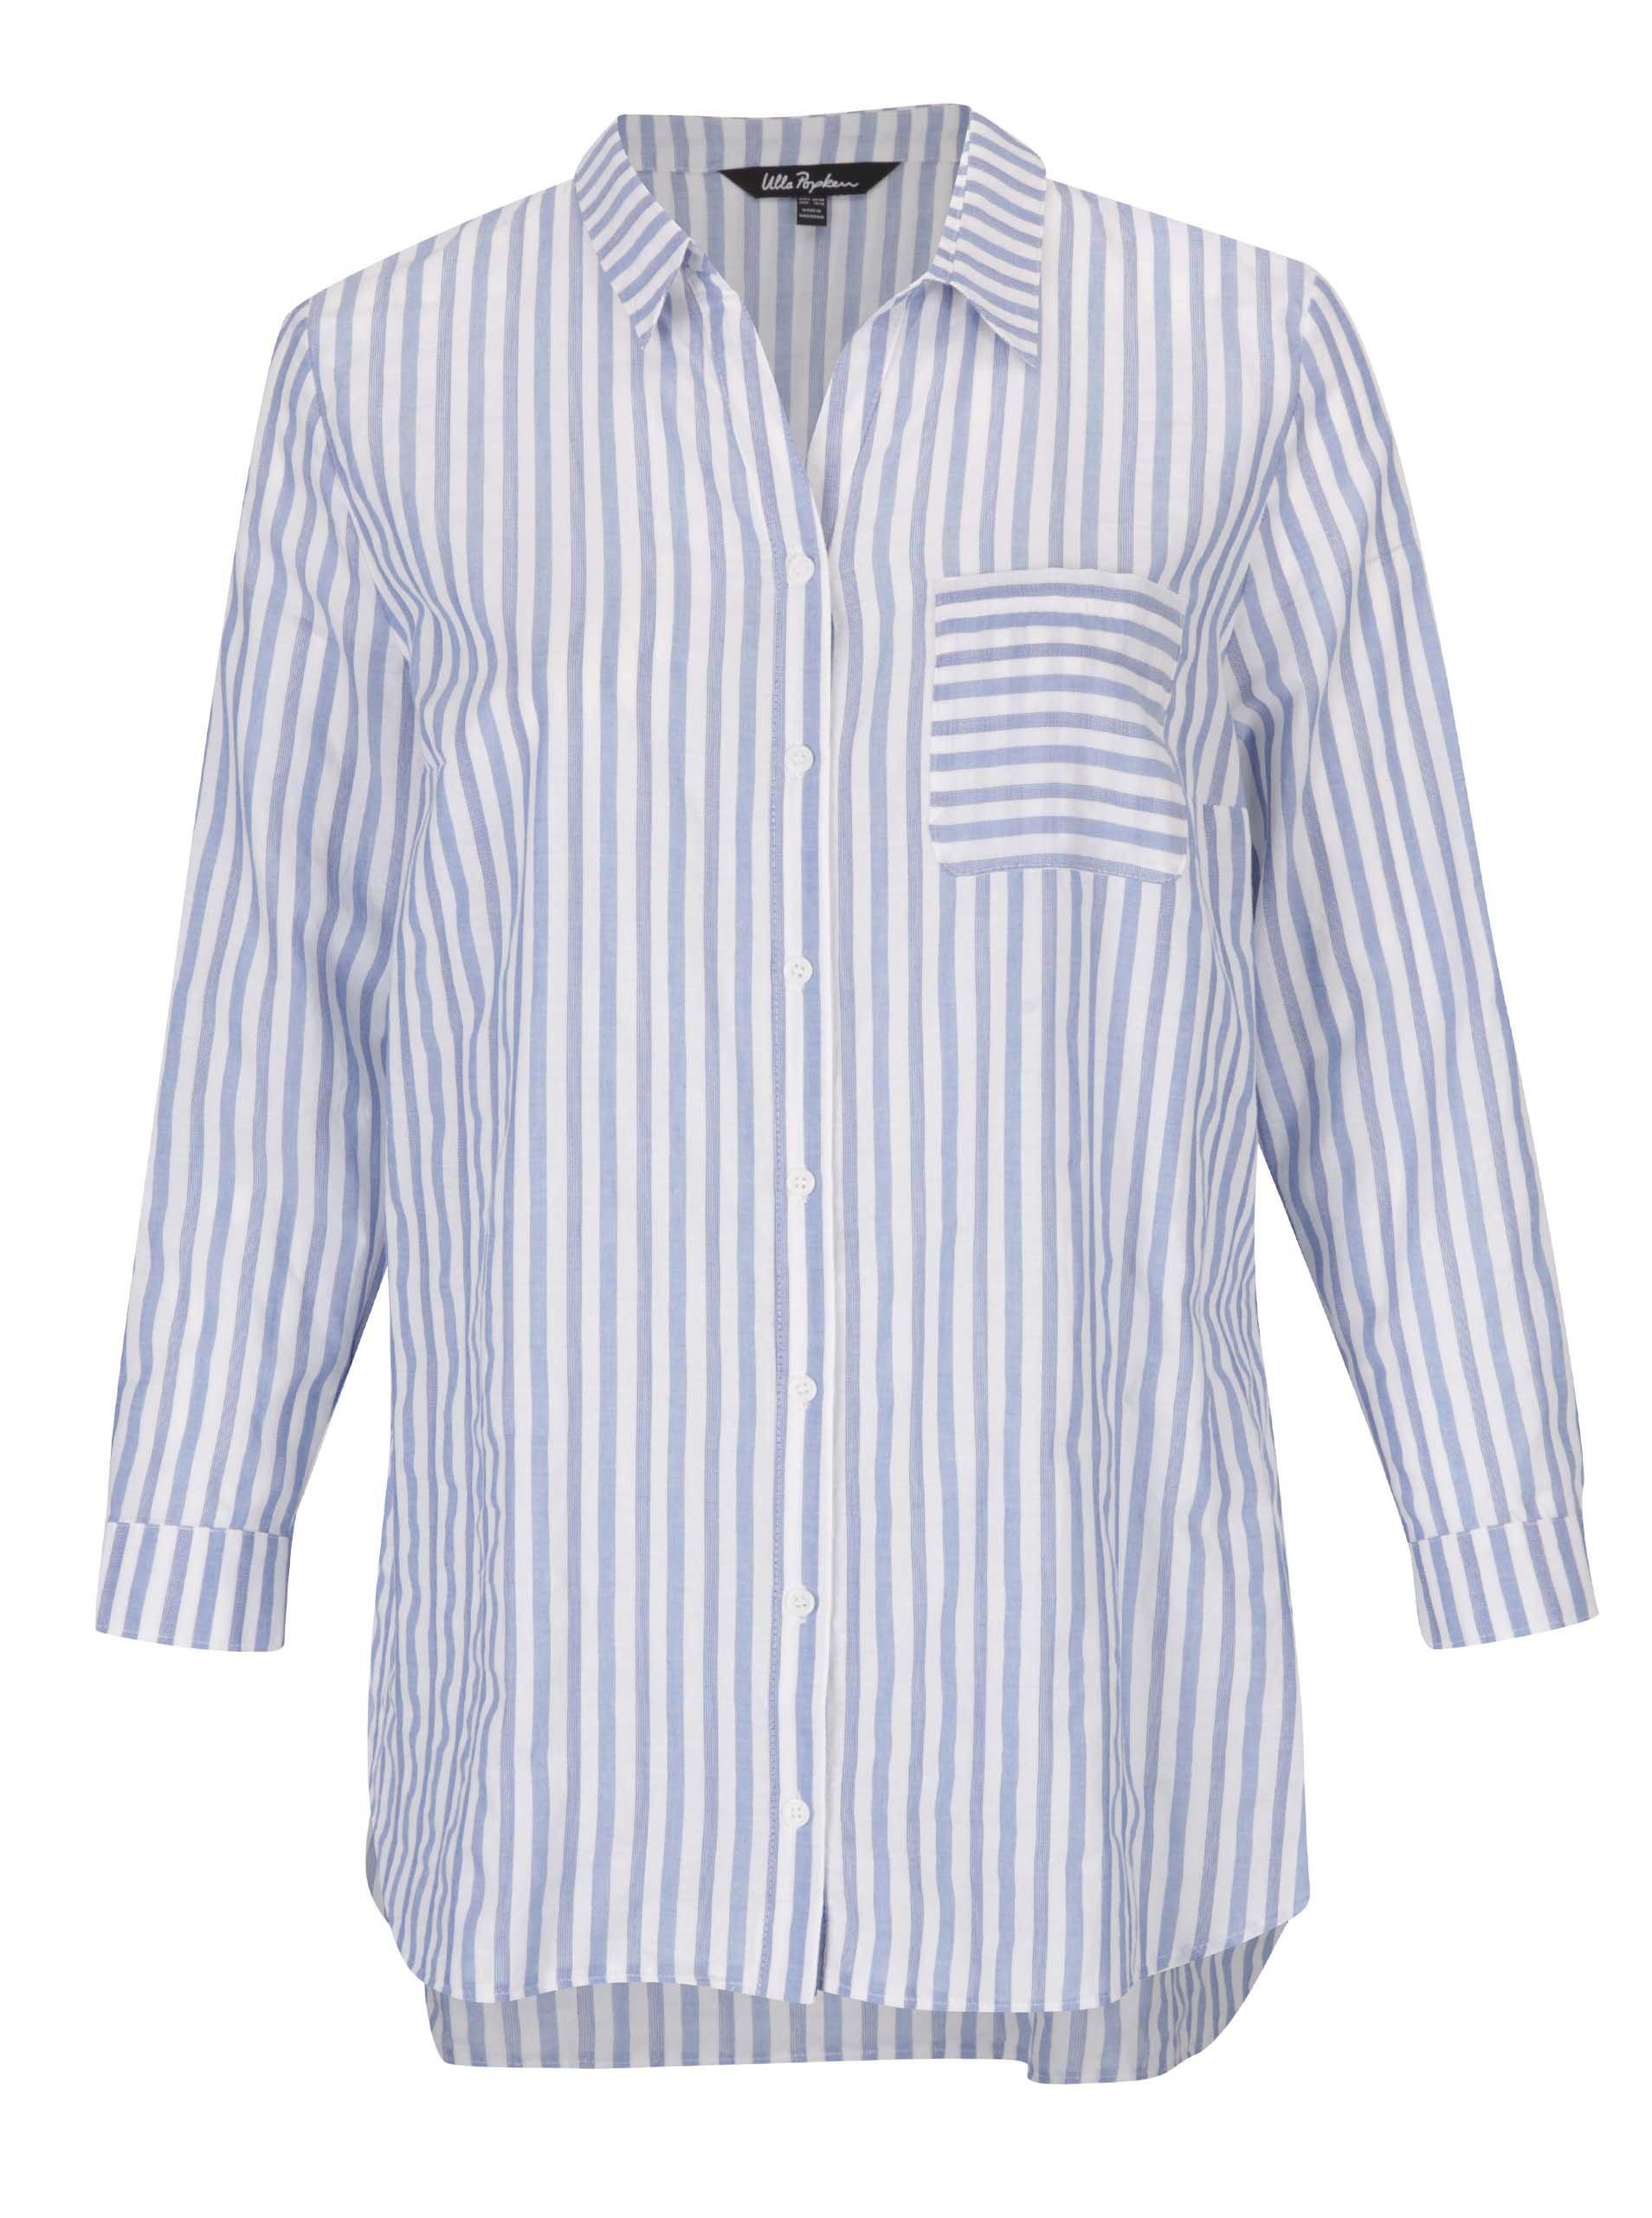 Krémovo-modrá pruhovaná košile s náprsní kapsou Ulla Popken